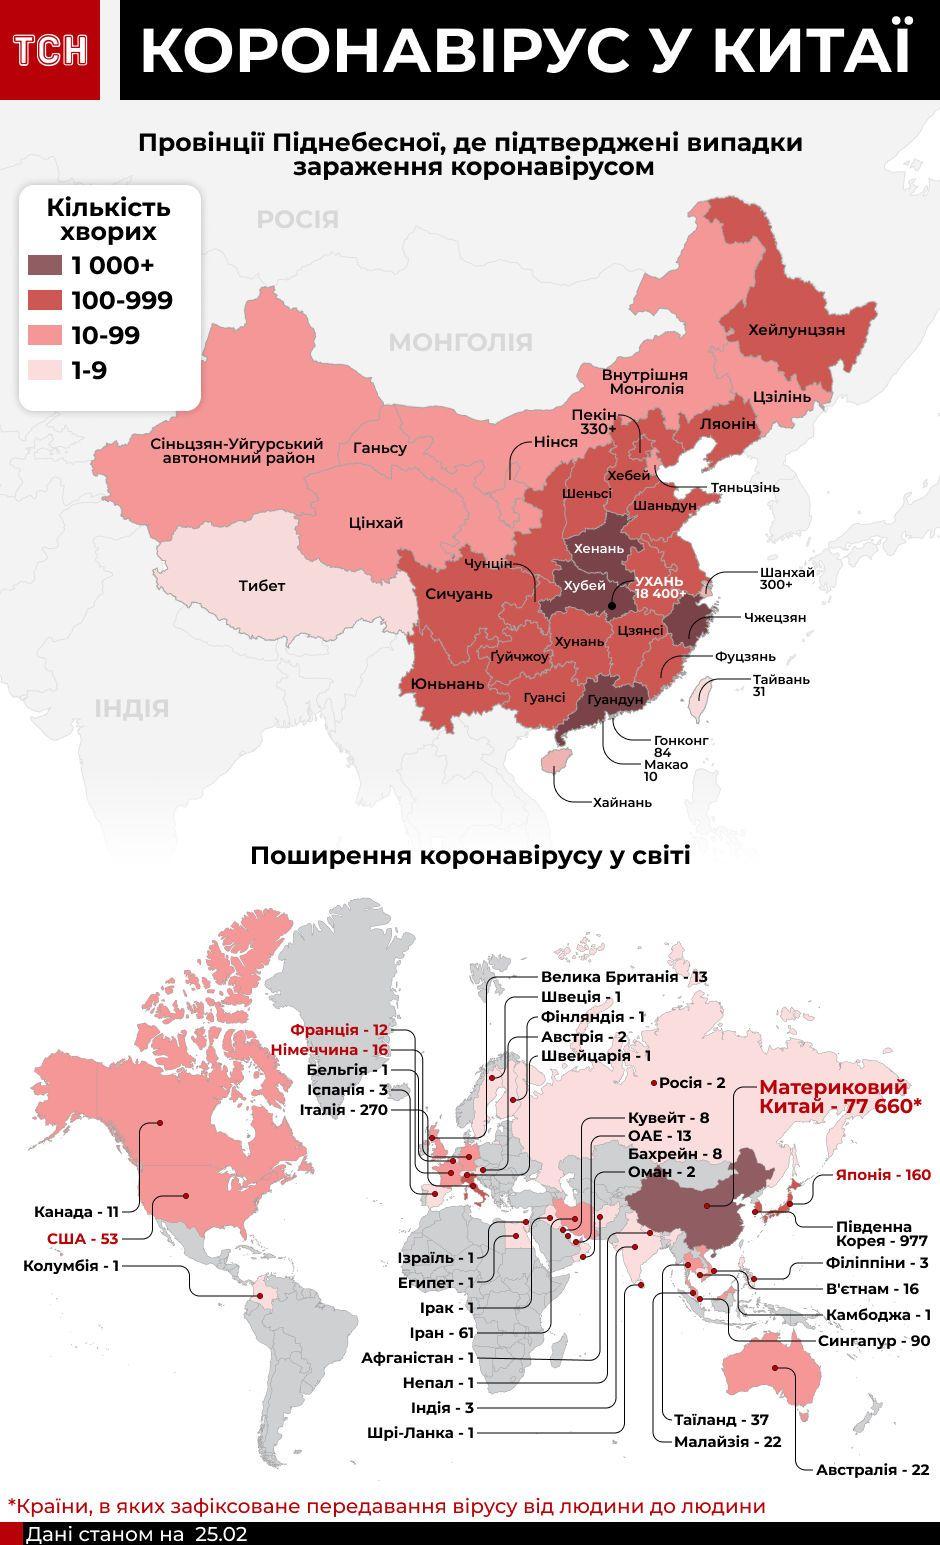 Поширення коронавірусу інфографіка 25 лютого оновлена